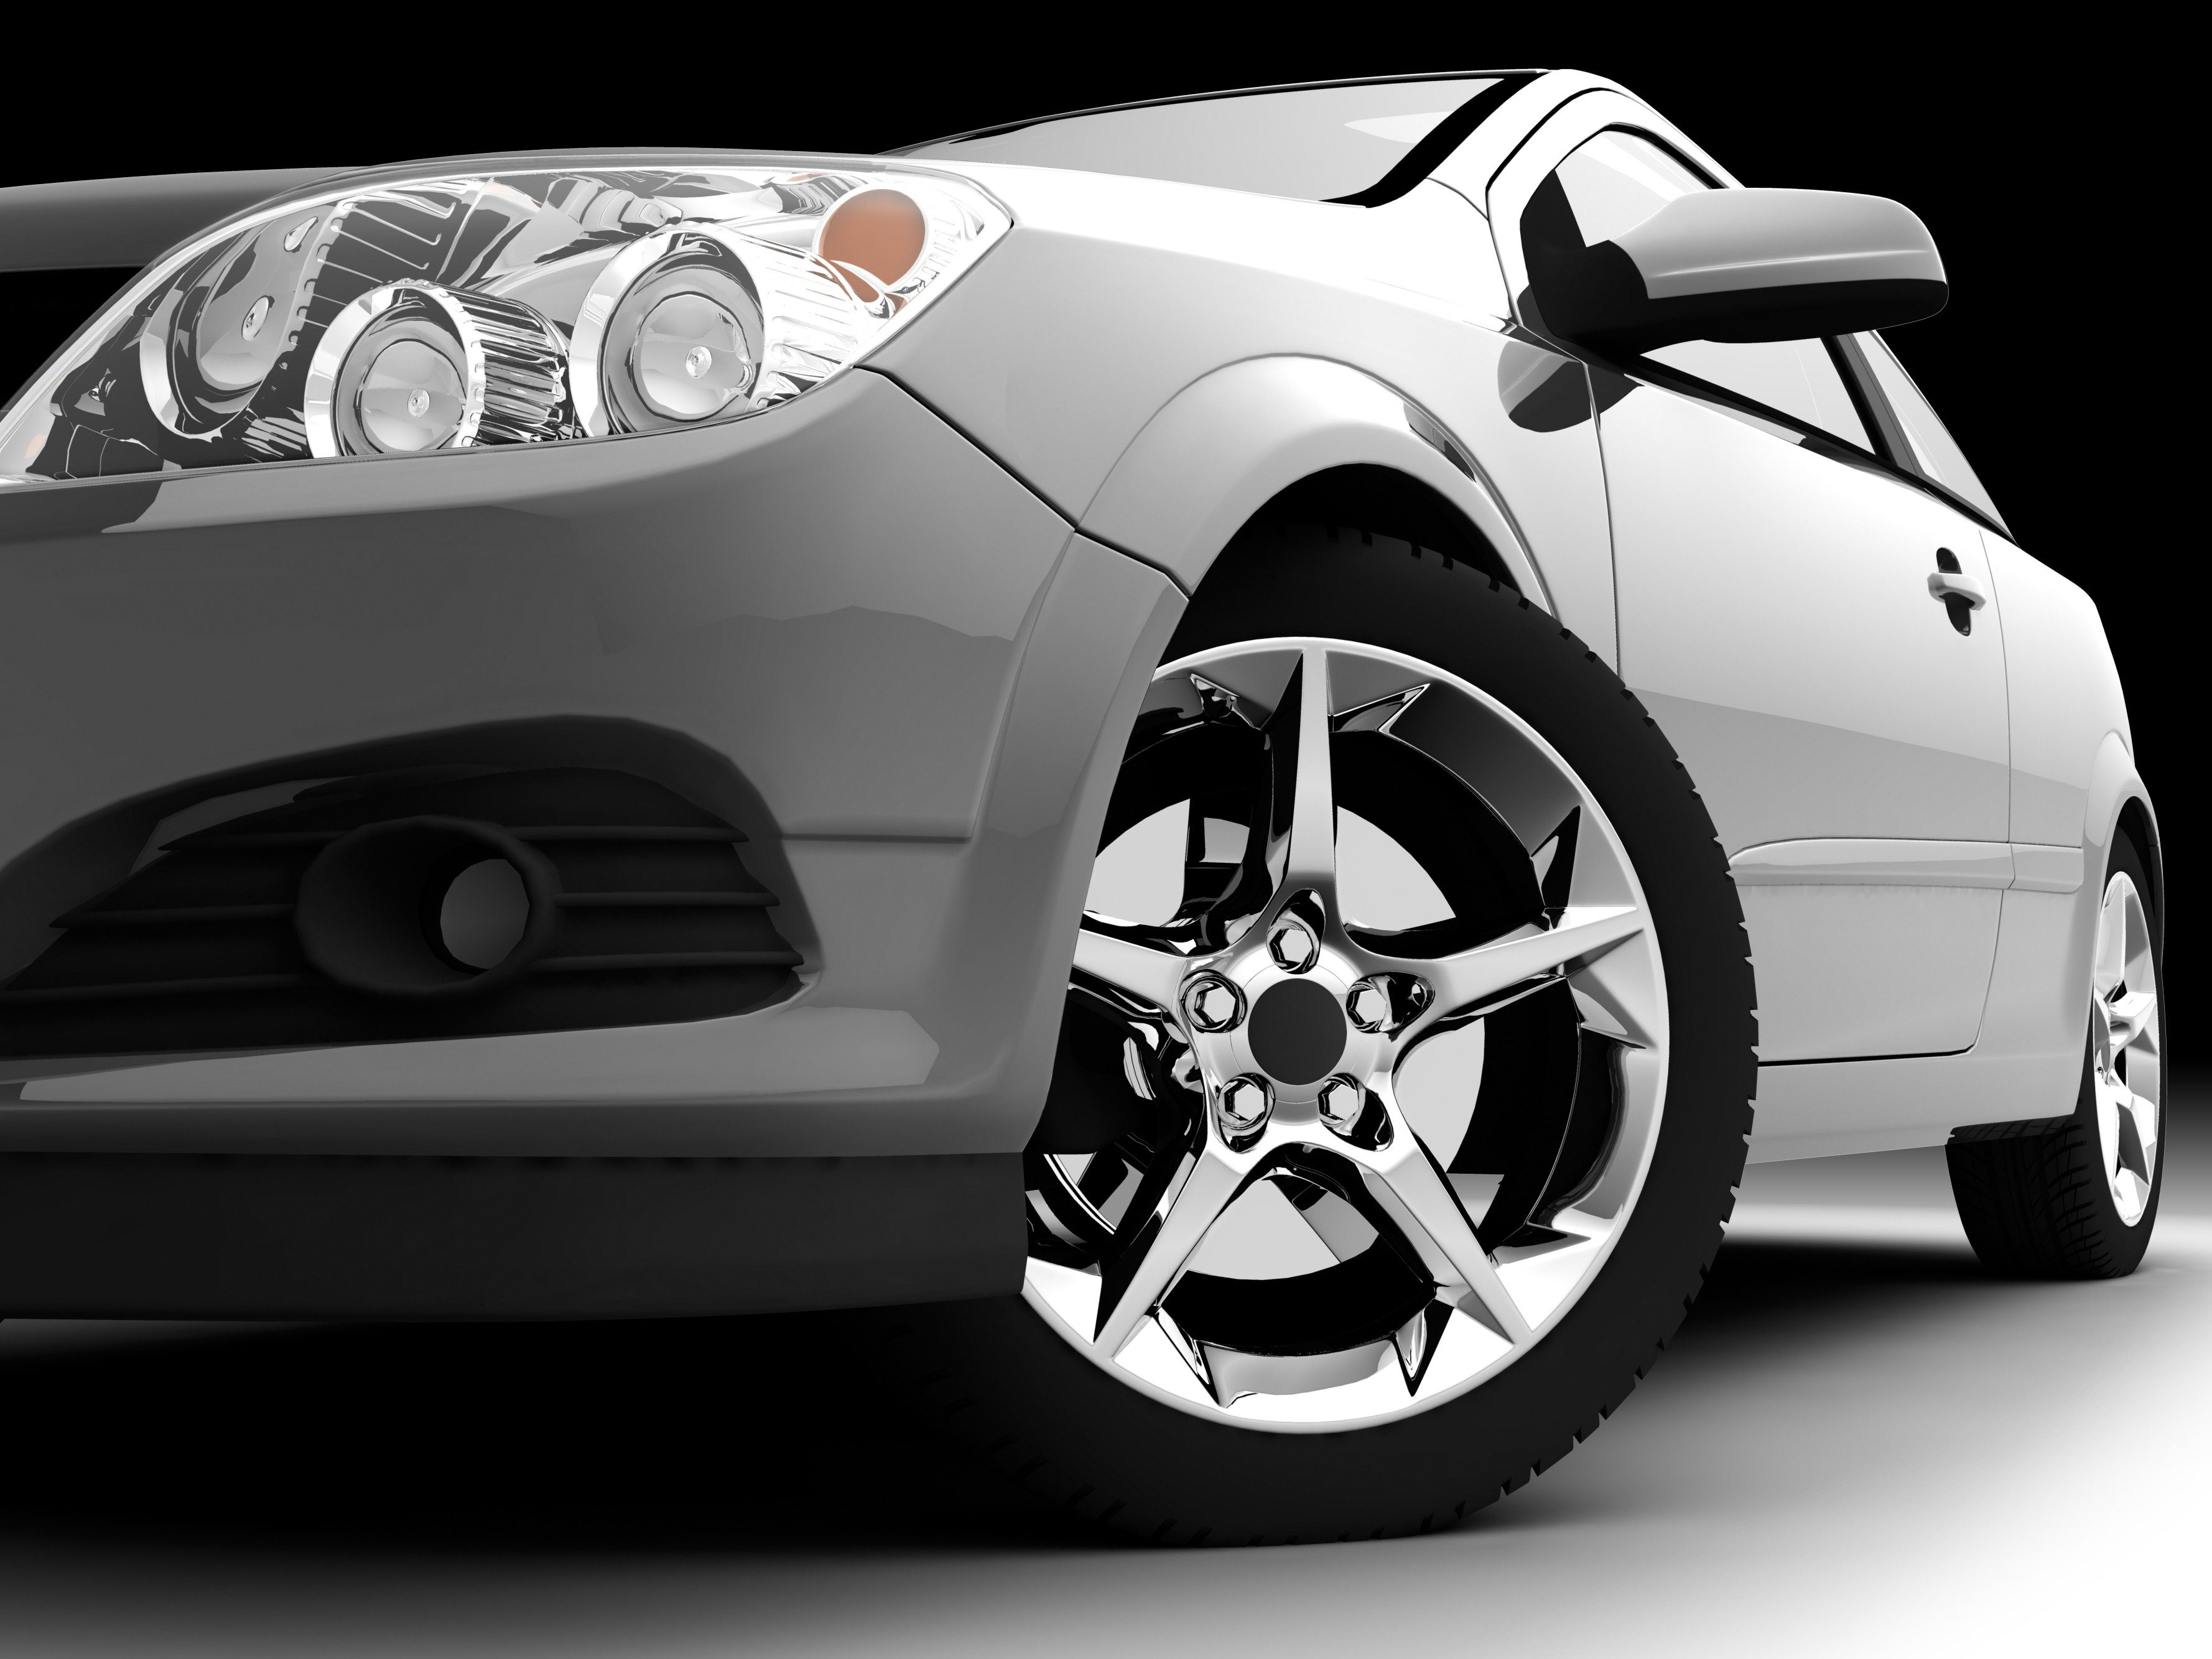 Why refinish car wheels?